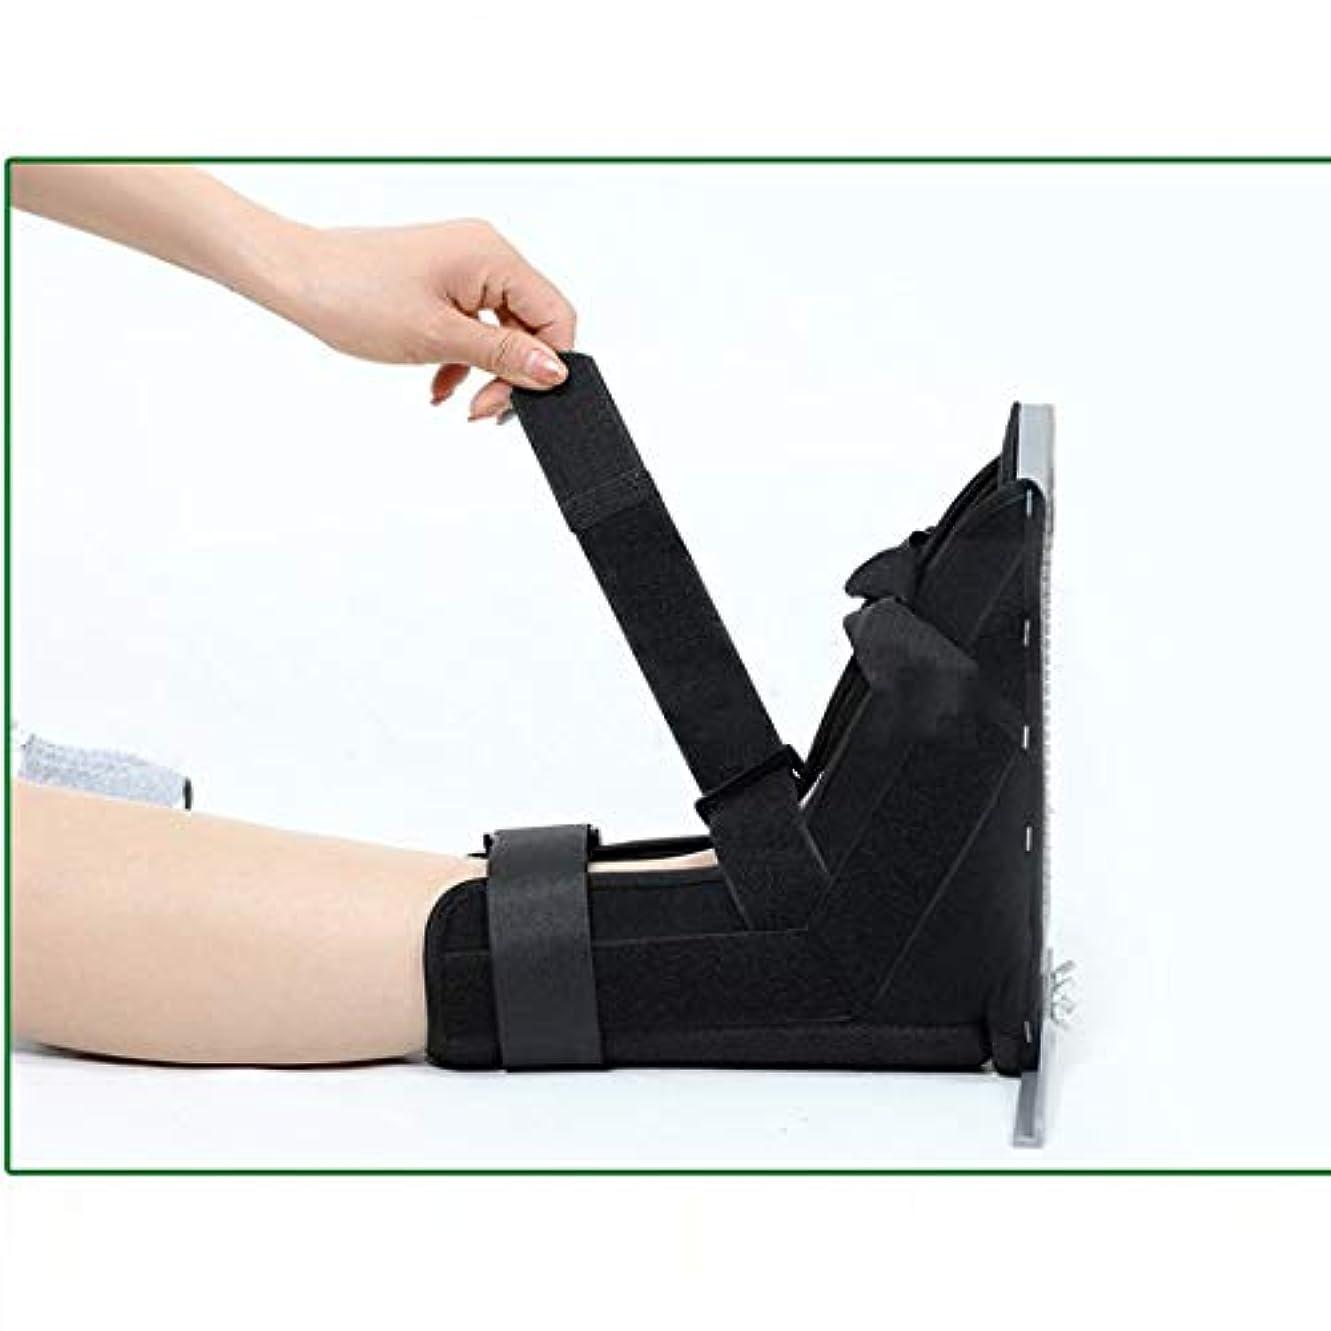 成果彼女のメイト医療足骨折石膏の回復靴の手術後のつま先の靴を安定化骨折の靴を調整可能なファスナーで完全なカバー,L